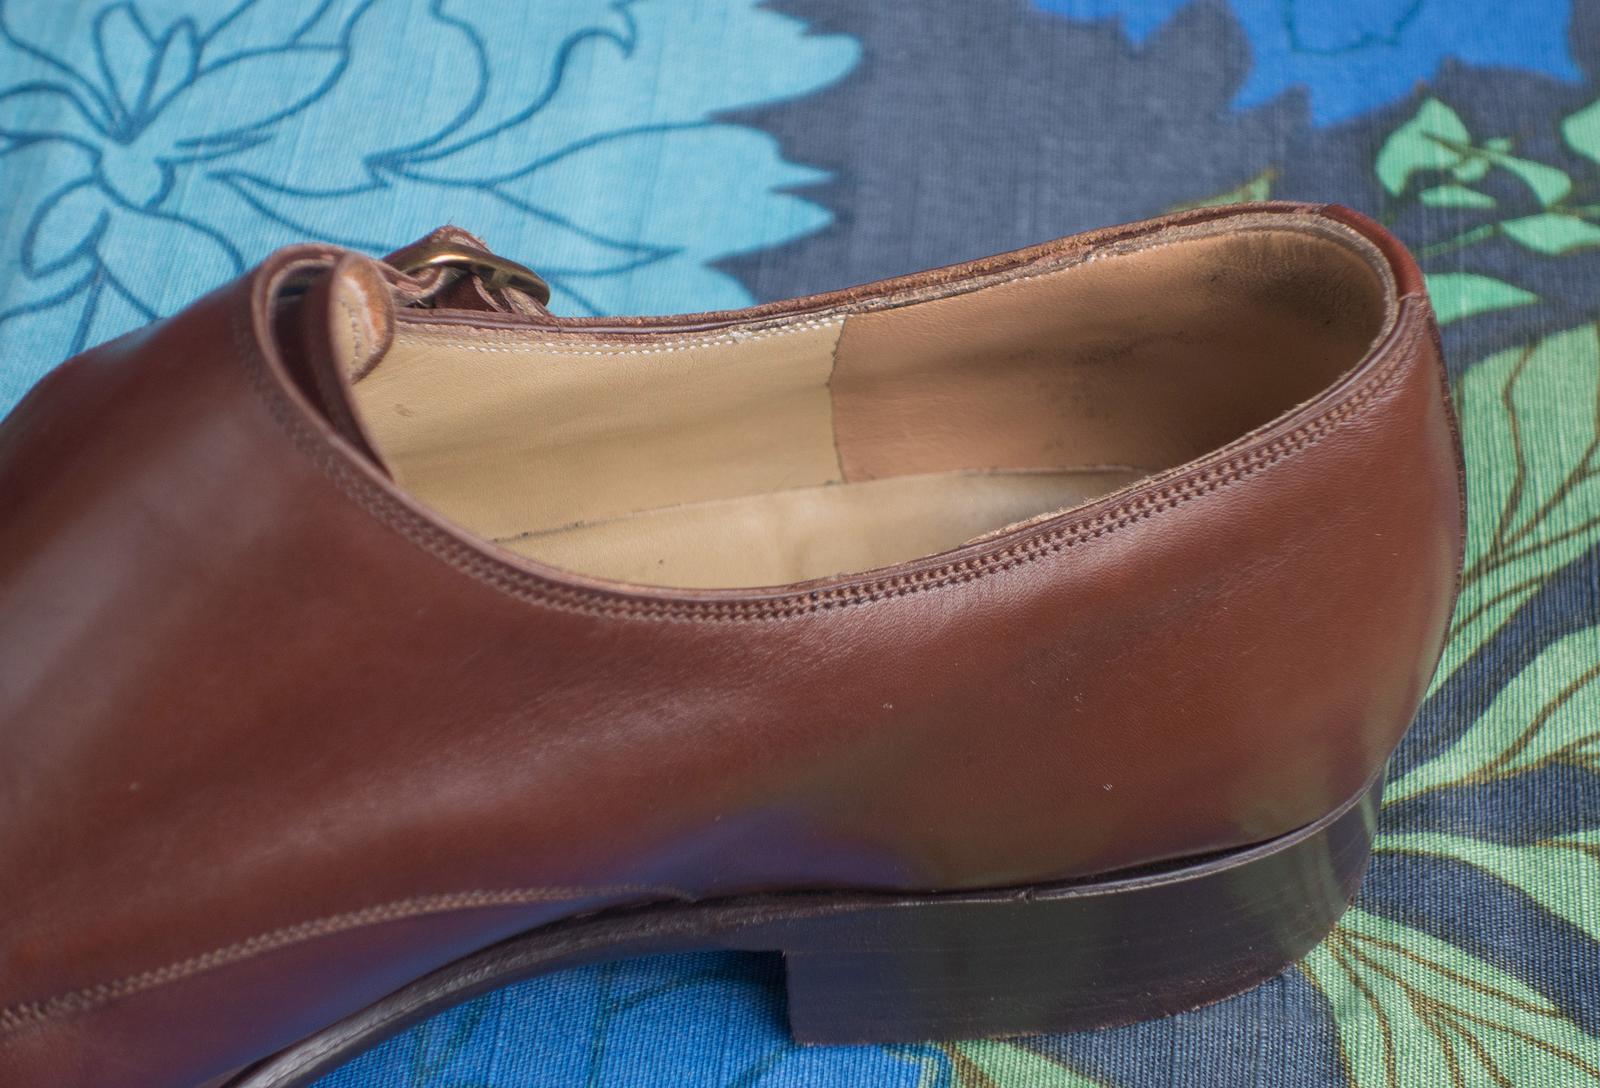 för stora skor inlägg